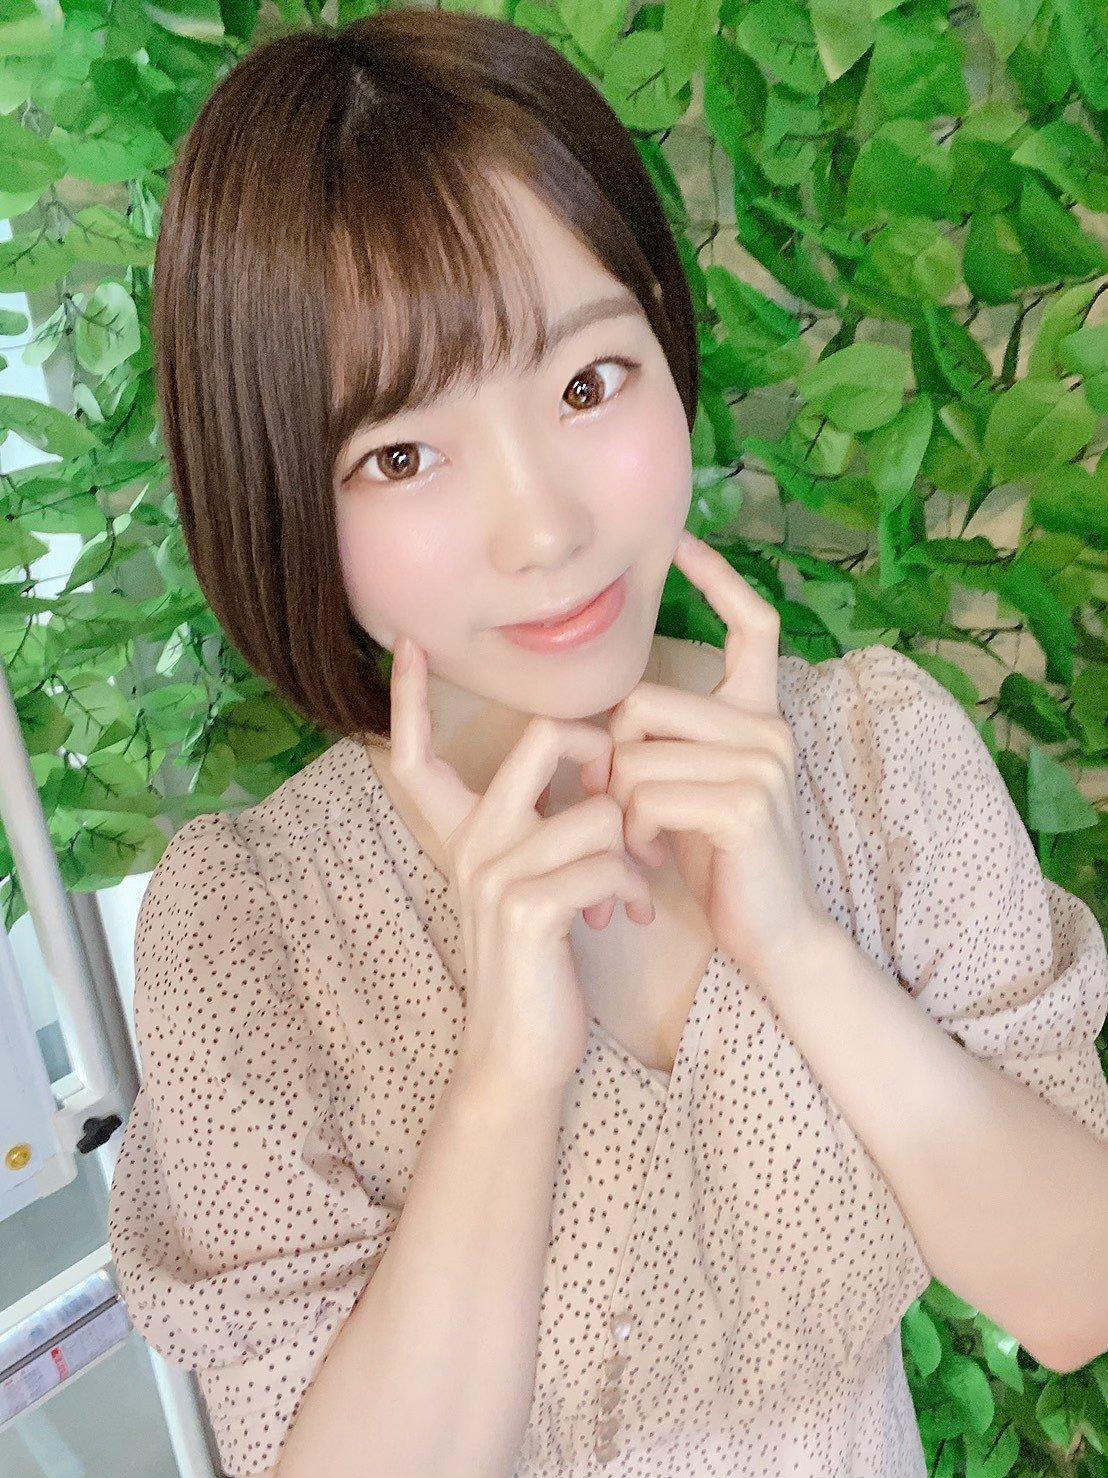 来看看偶像身份出道的朝日りん(朝日铃)想要成为女演员的决心有多大(4)